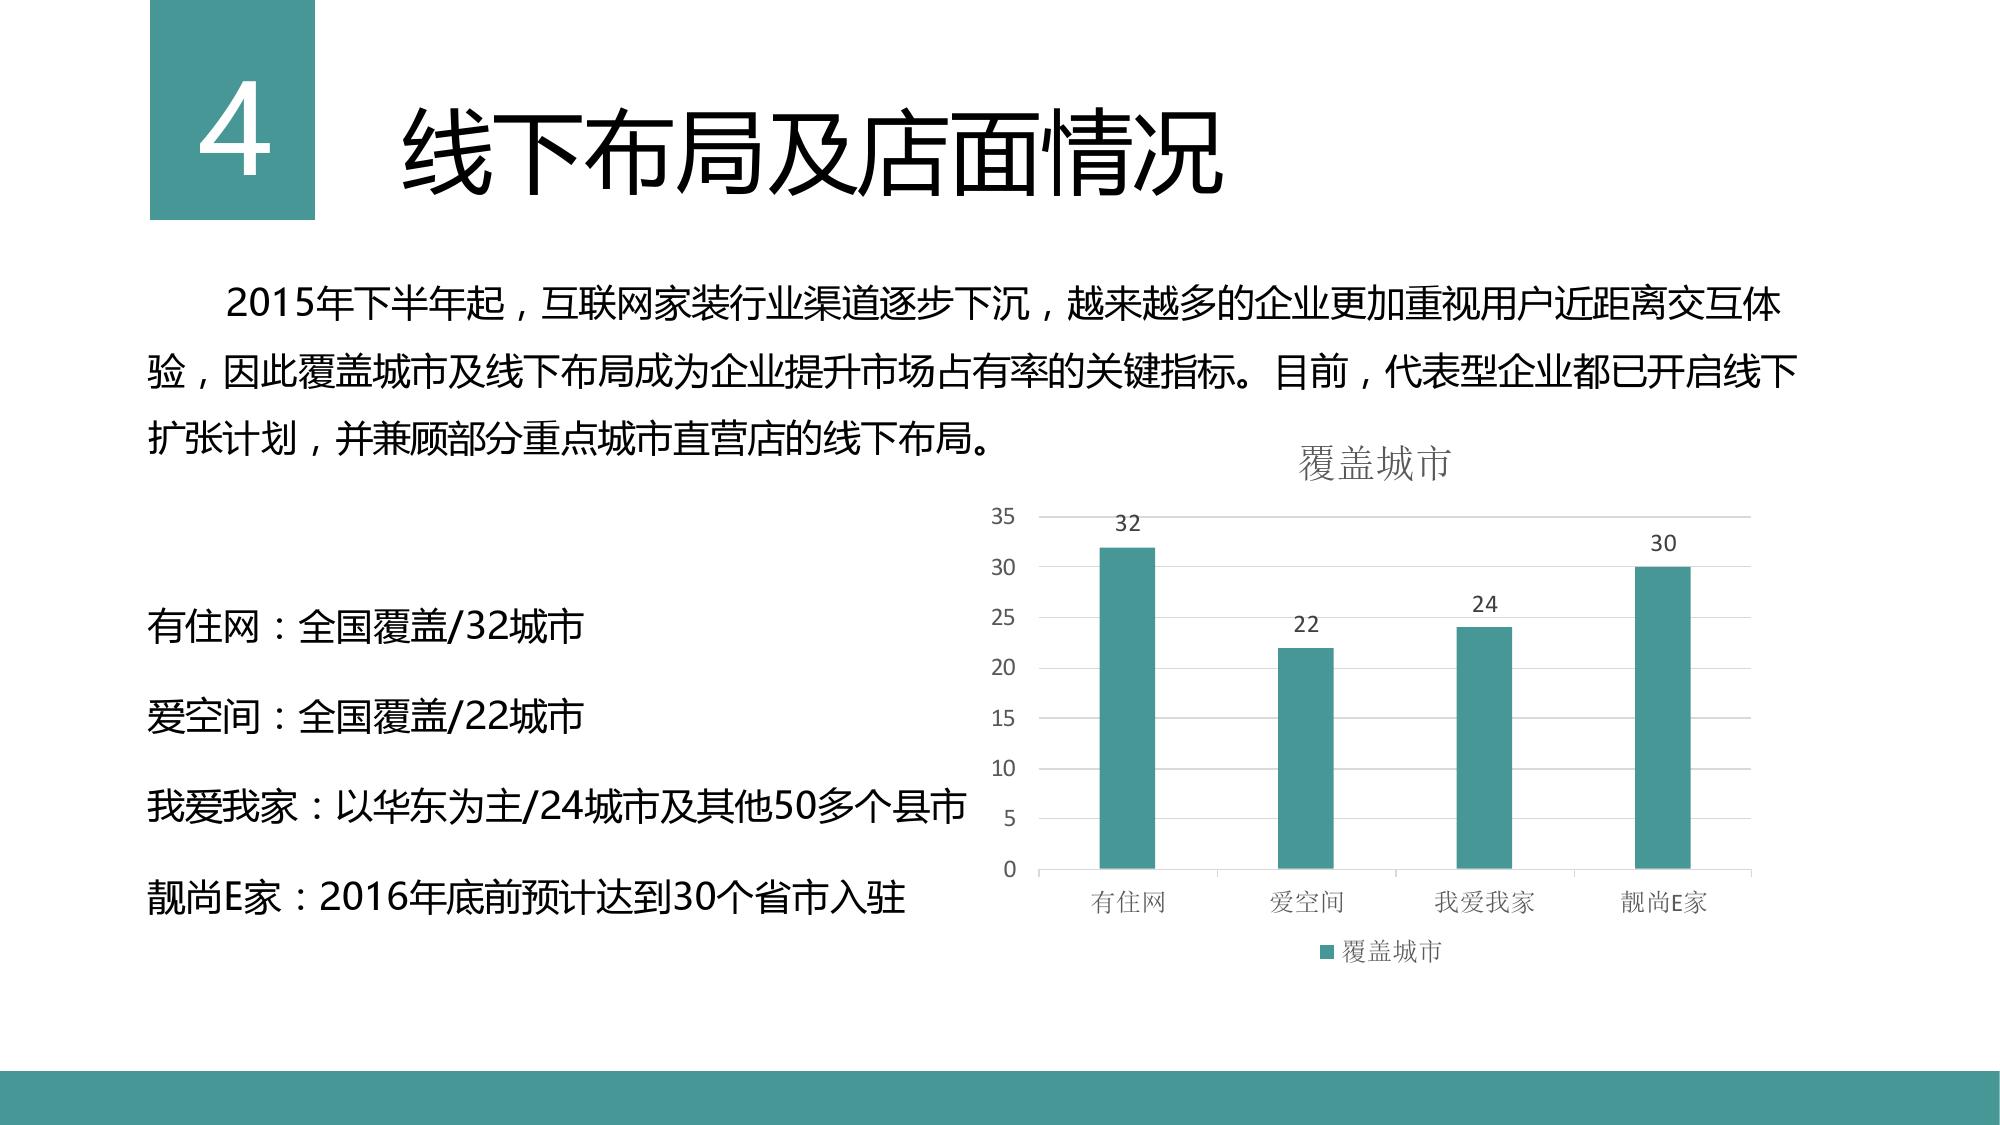 2016%e4%ba%92%e8%81%94%e7%bd%91%e5%ae%b6%e8%a3%85%e7%99%bd%e7%9a%ae%e4%b9%a6-%e7%bd%91%e6%98%93%e5%ae%b6%e5%b1%85_000025